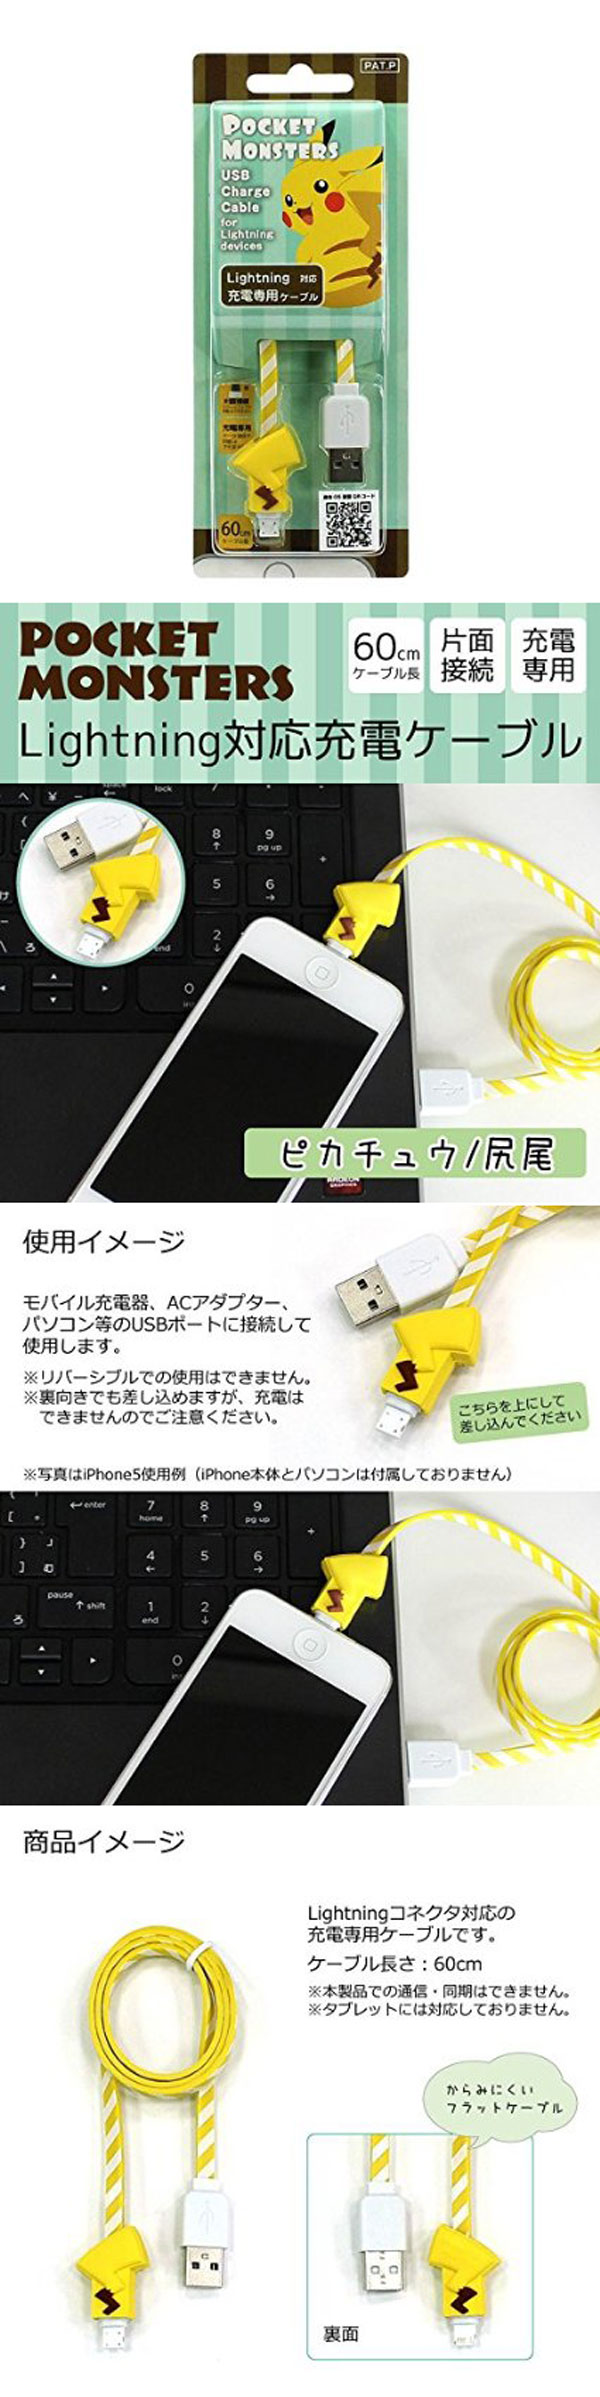 jp-ipo-0011.jpg